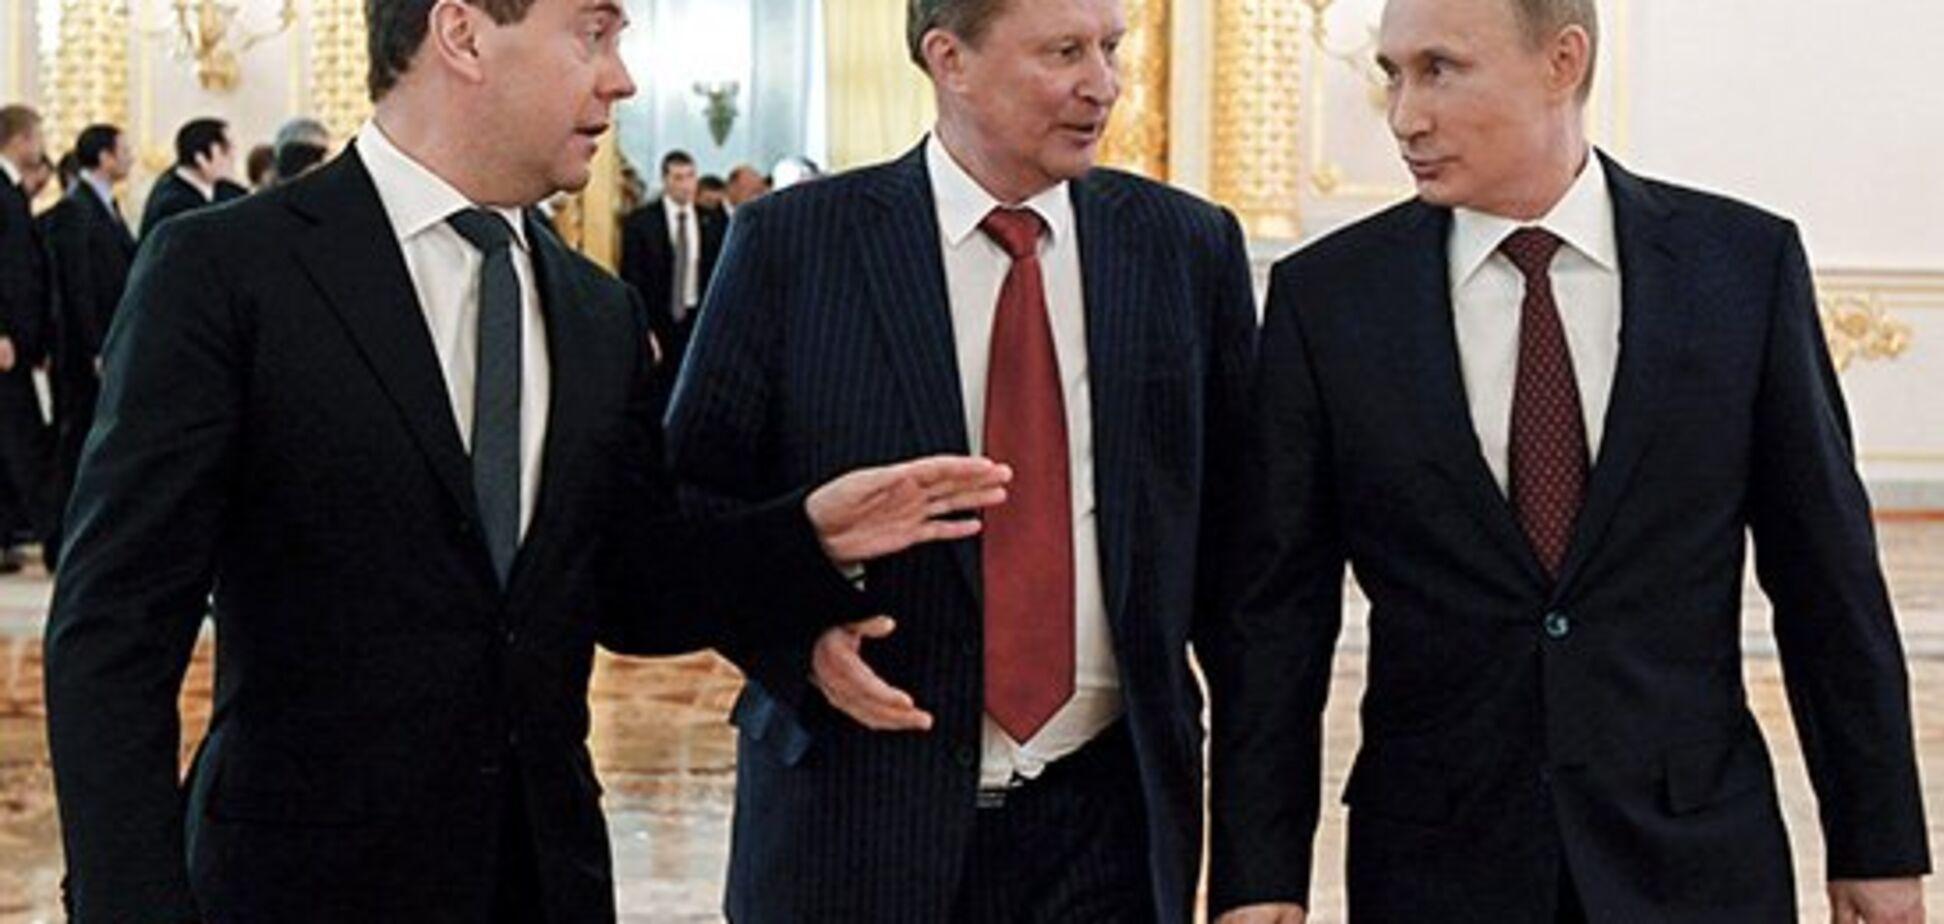 'Вплоть до физического уничтожения': в РФ спрогнозировали ответ друзей Путина на санкции